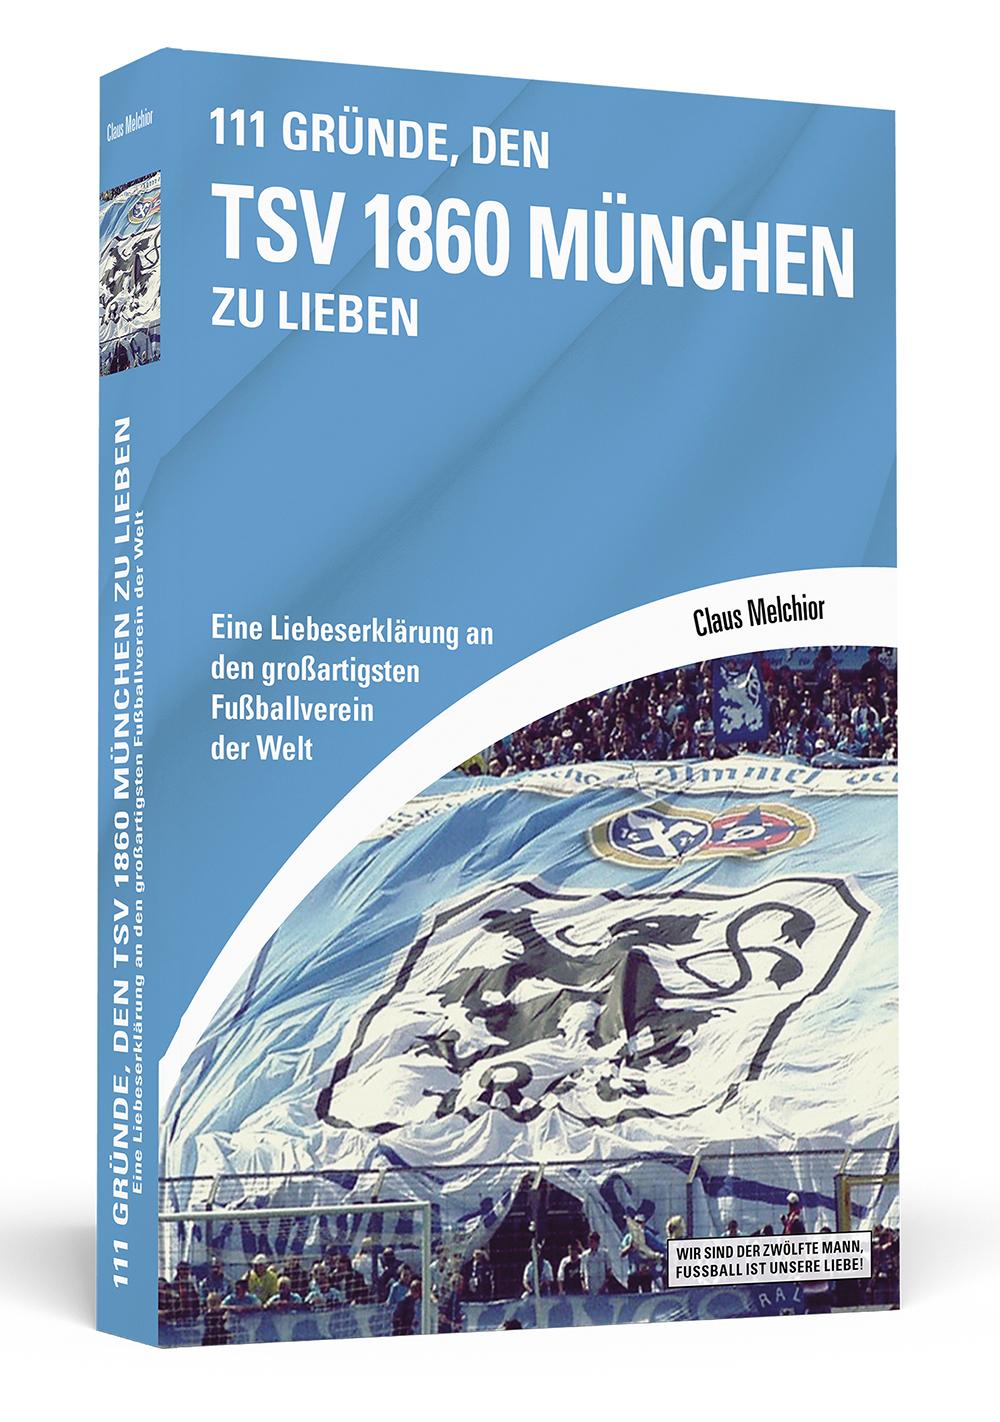 111 Gründe, den TSV 1860 München zu lieben: Eine Liebeserklärung an den großartigsten Fußballverein der Welt - Claus Melchior